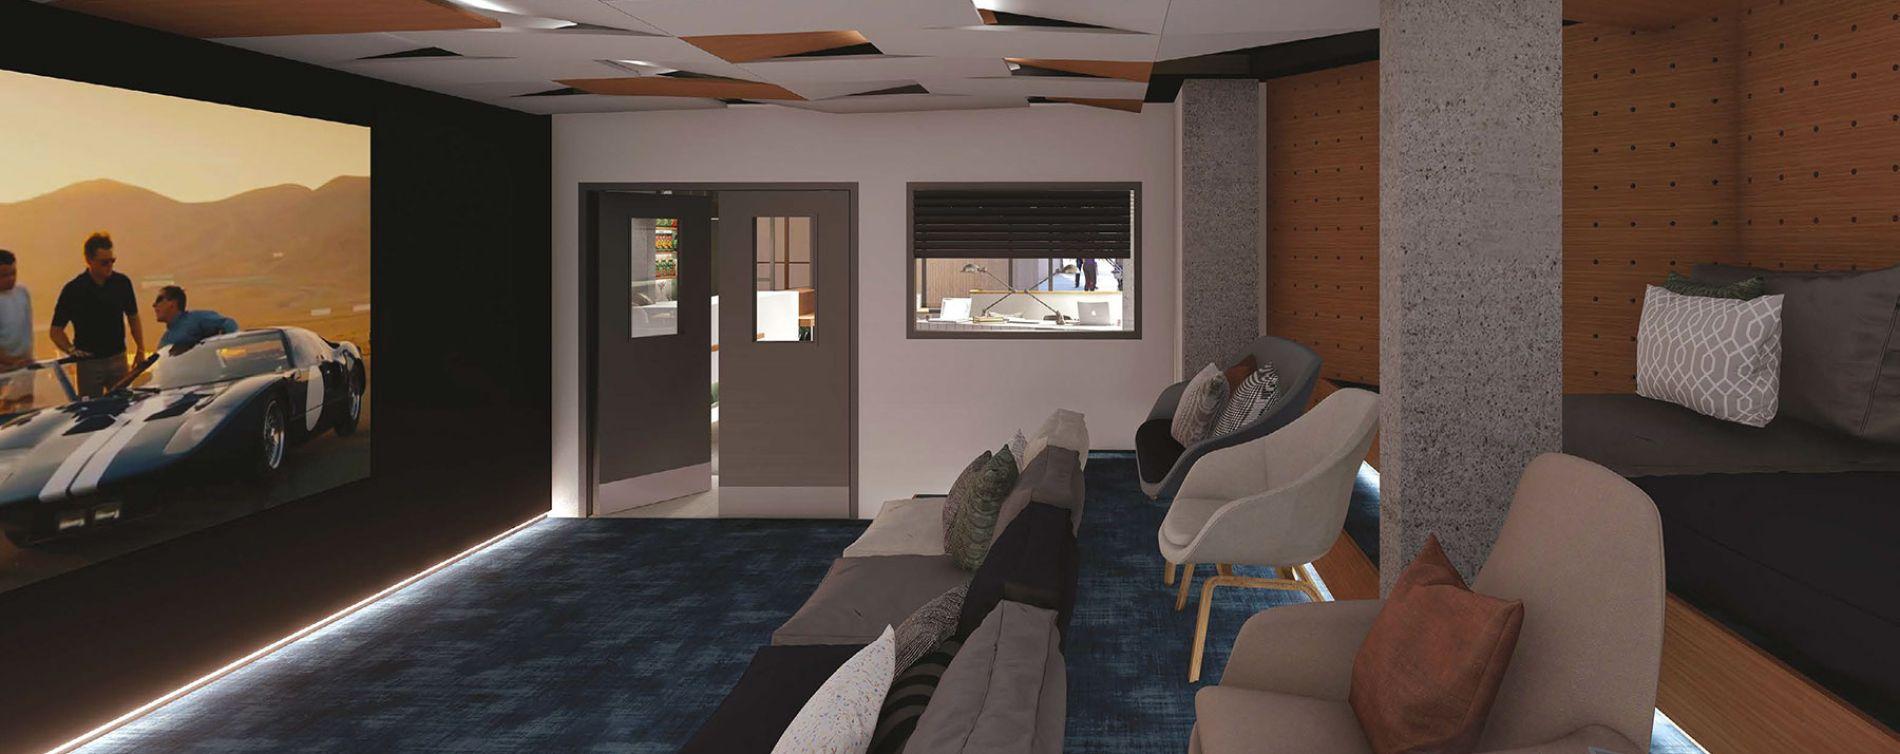 Fontainebleau : programme immobilier neuve « Studio 8 » (4)